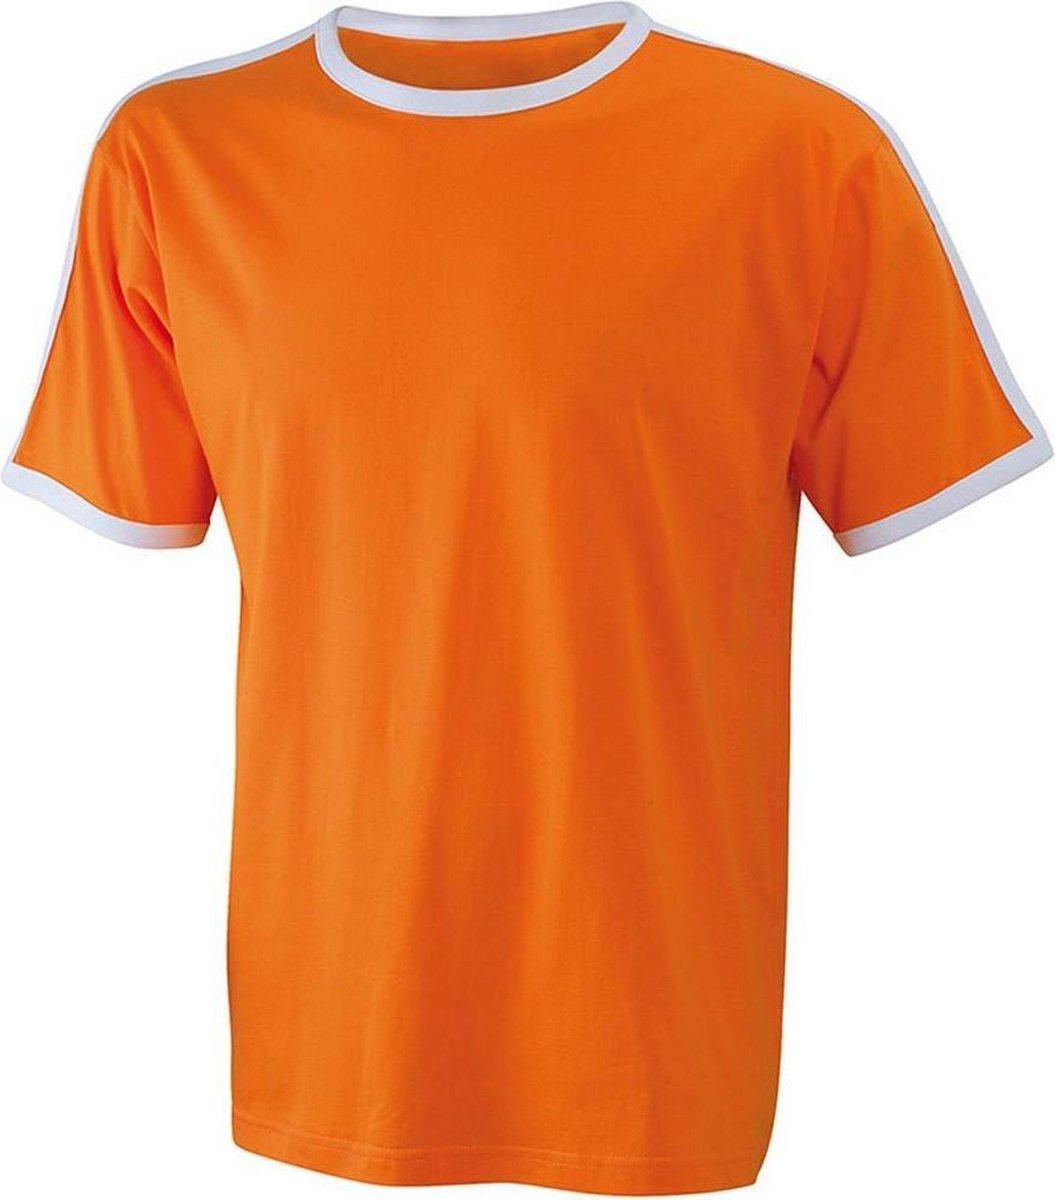 James and Nicholson - Heren T-Shirt (Oranje/Wit) Maat XXXL (3XL) - EK-WK-Olympische Spelen